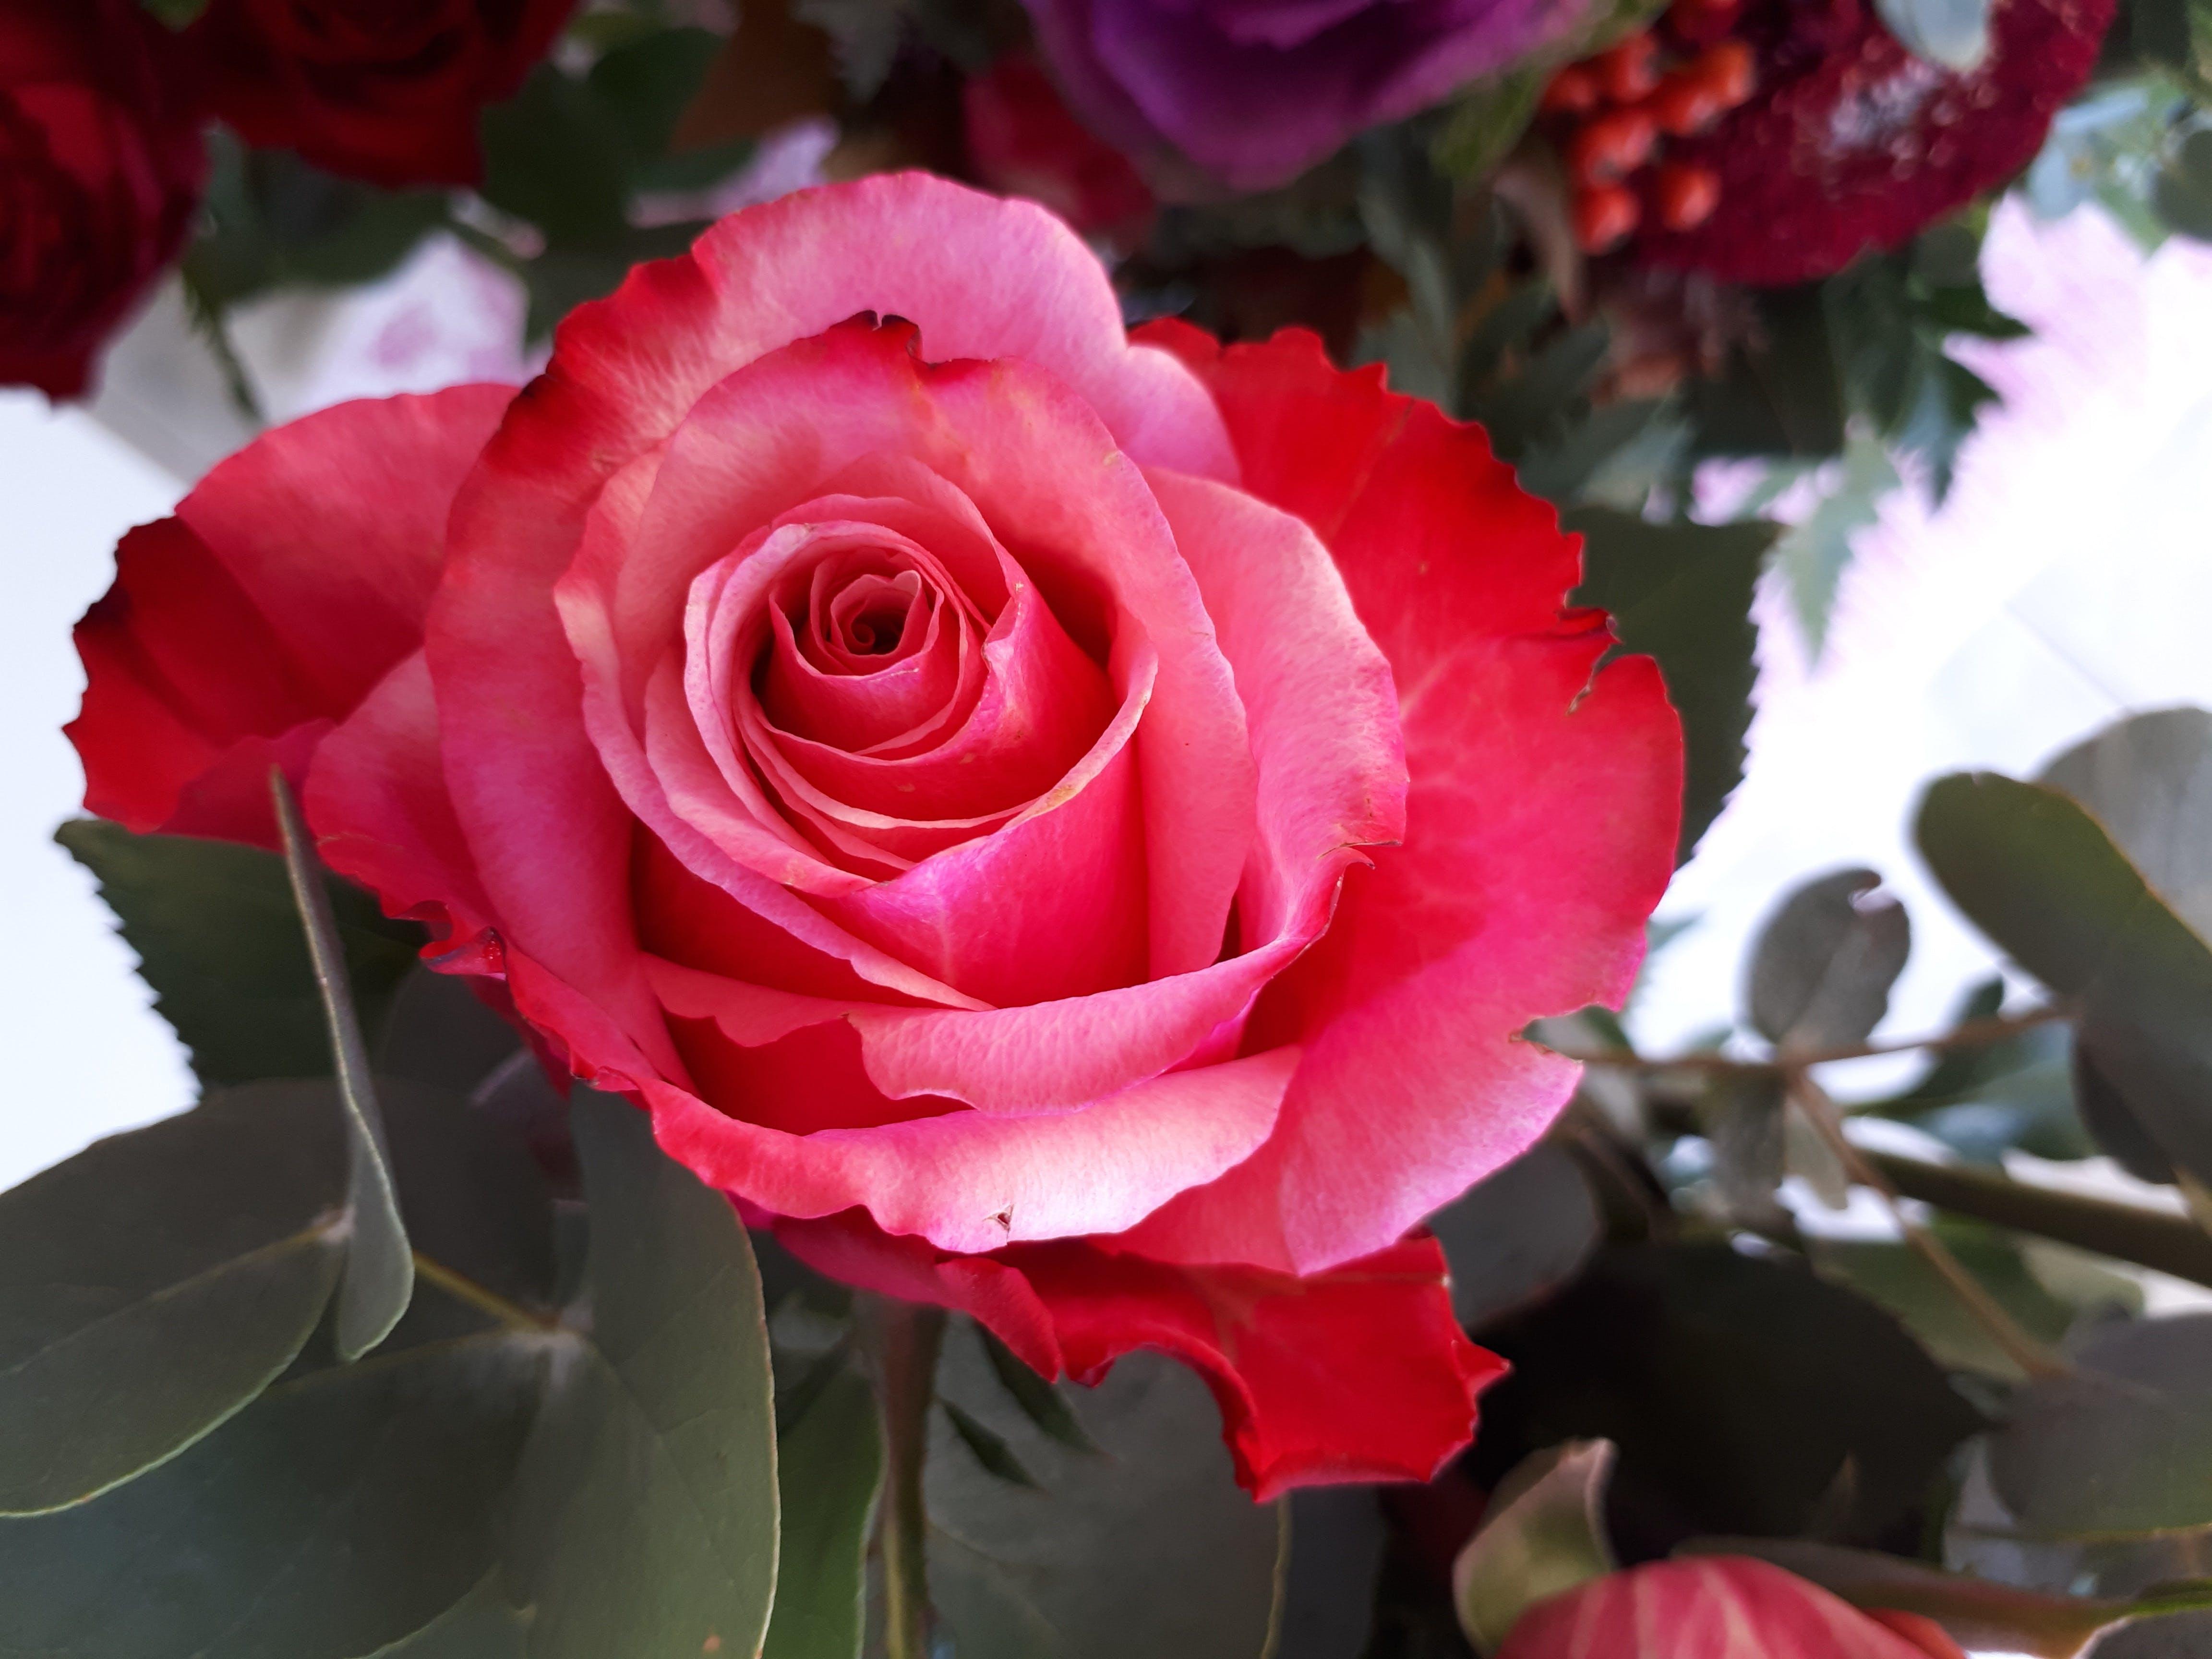 คลังภาพถ่ายฟรี ของ กลีบดอก, กำลังบาน, กุหลาบสีแดง, ดอกกุหลาบ